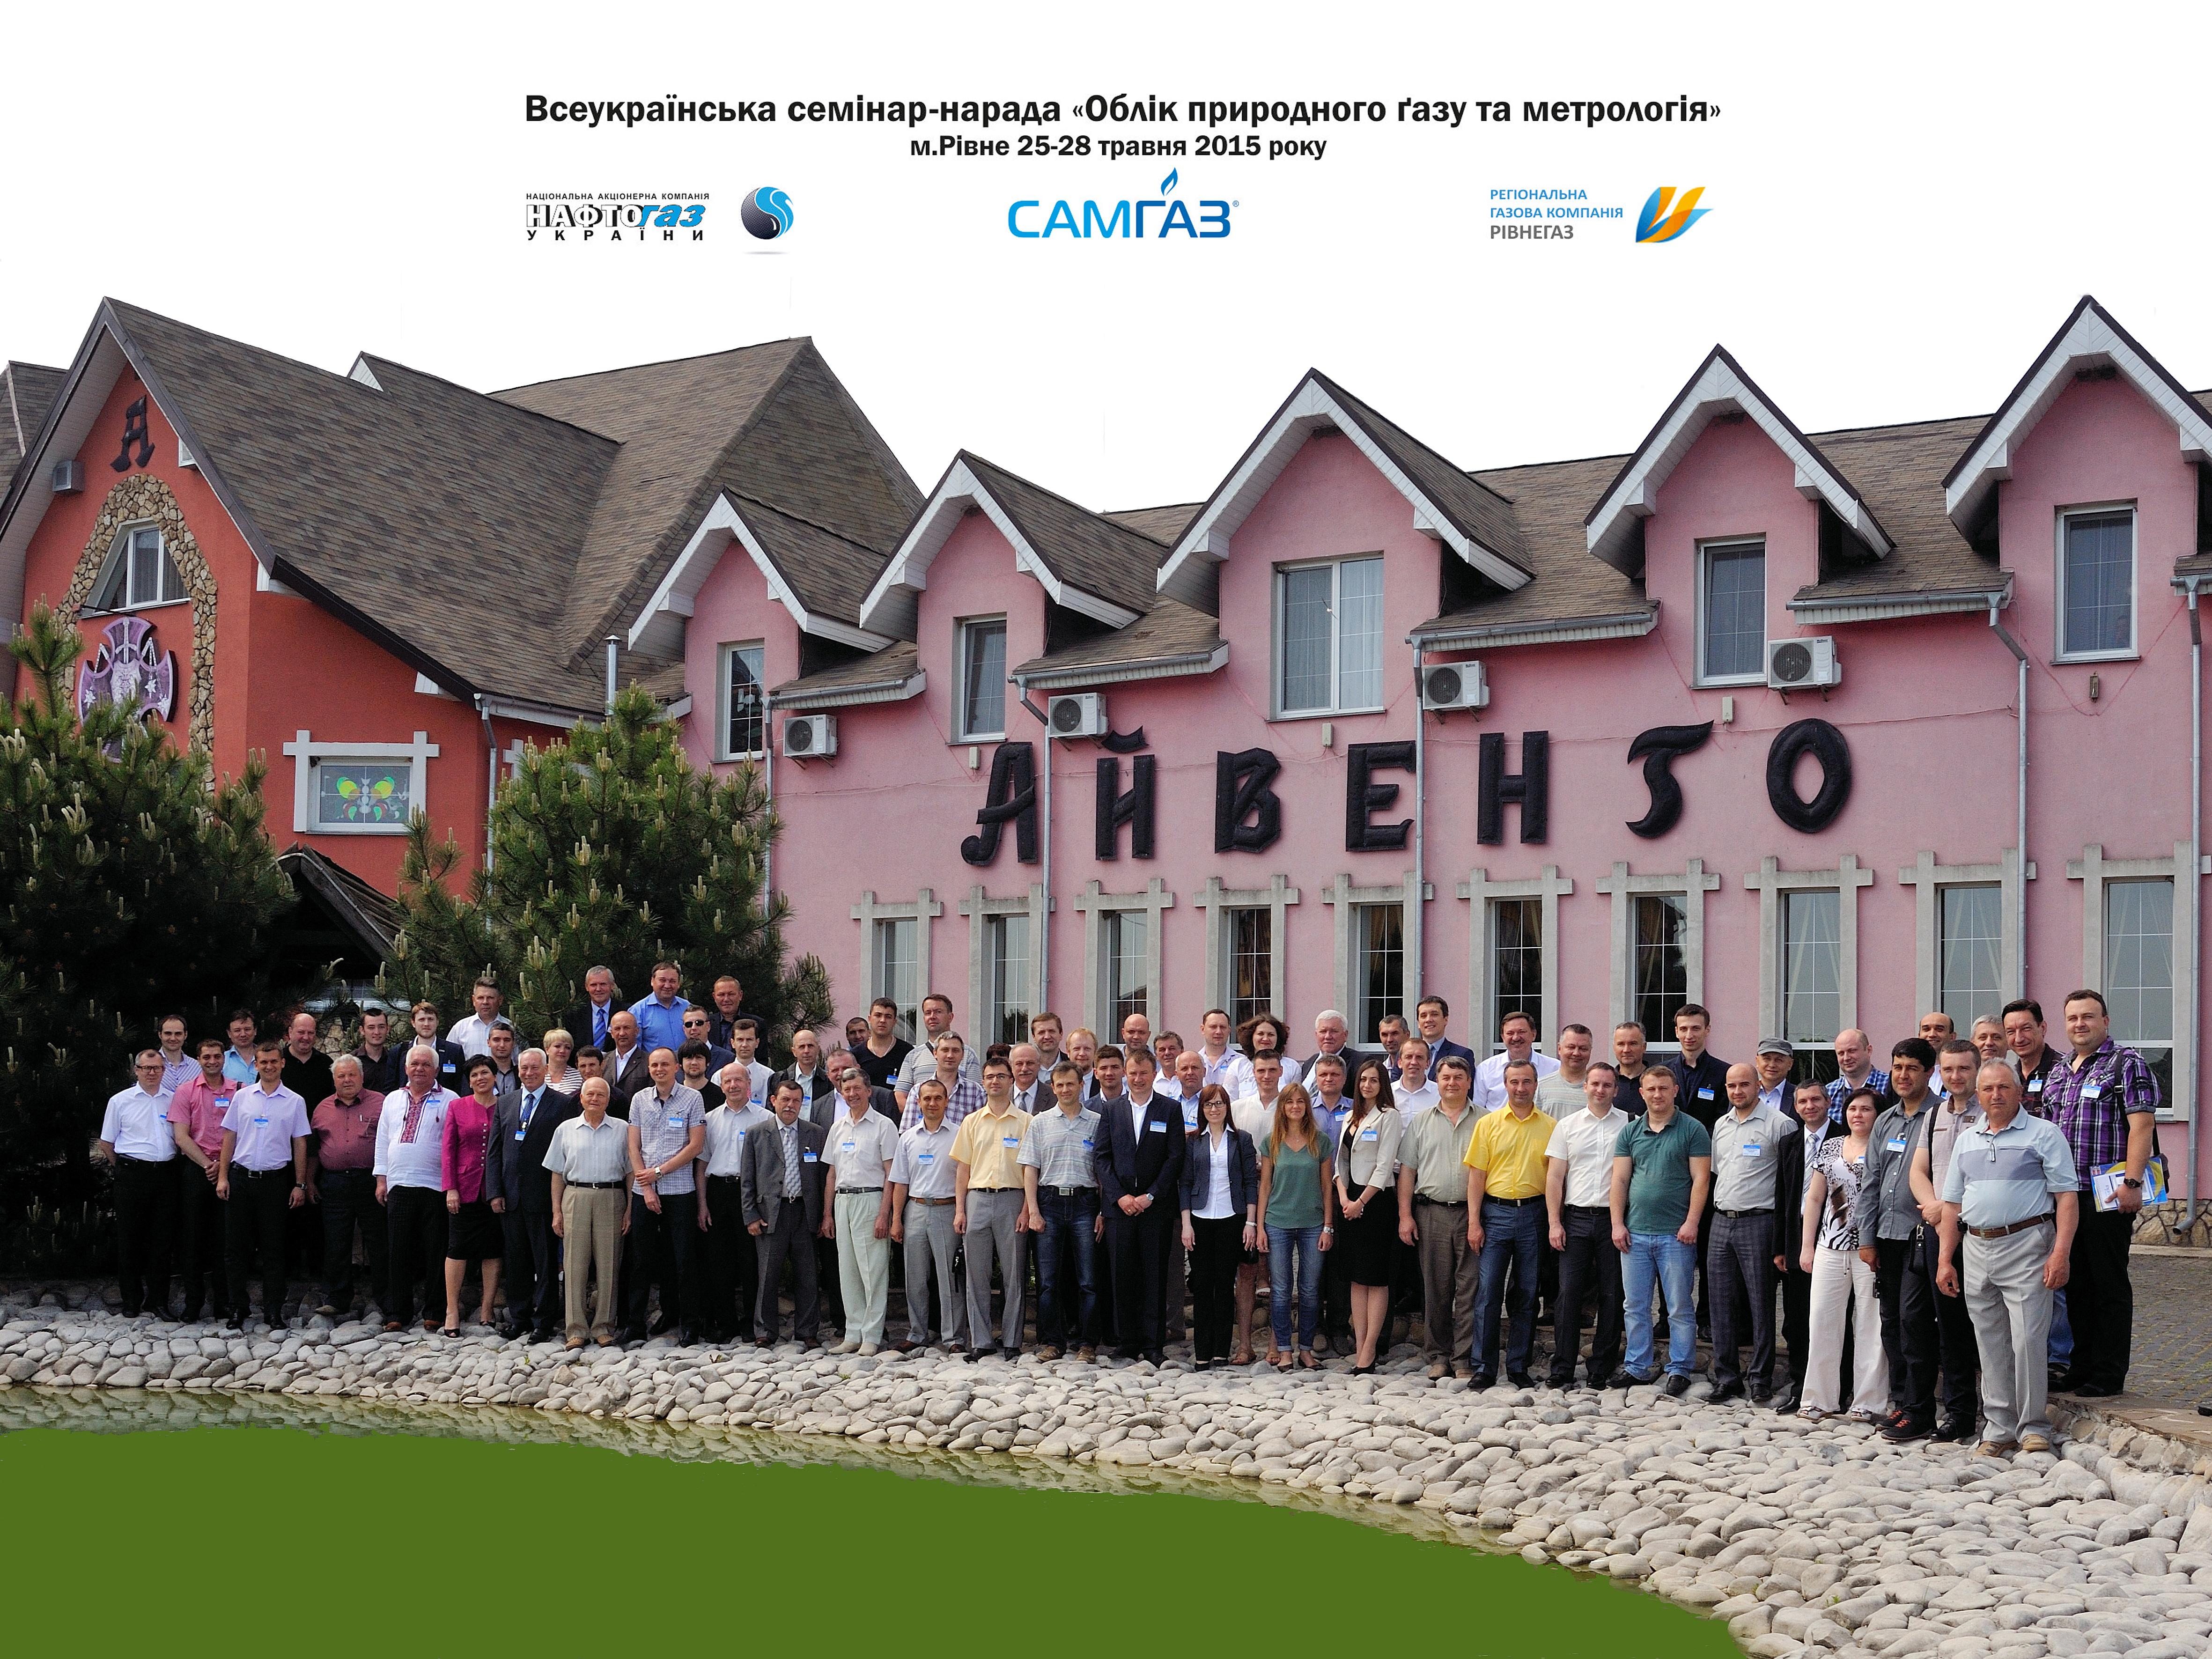 Проведение Всеукраинской семинар-совещания «Учет природного газа и метрология », г. Ровно 2015